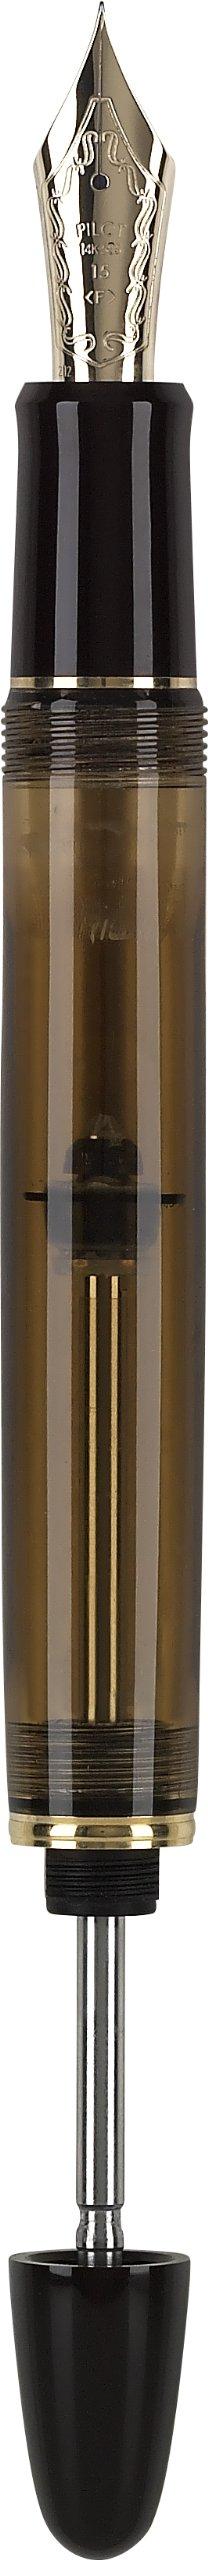 Pilot Custom 823 Fountain Pen, Amber Barrel, Blue Ink, Medium Nib (60556) by Pilot (Image #6)